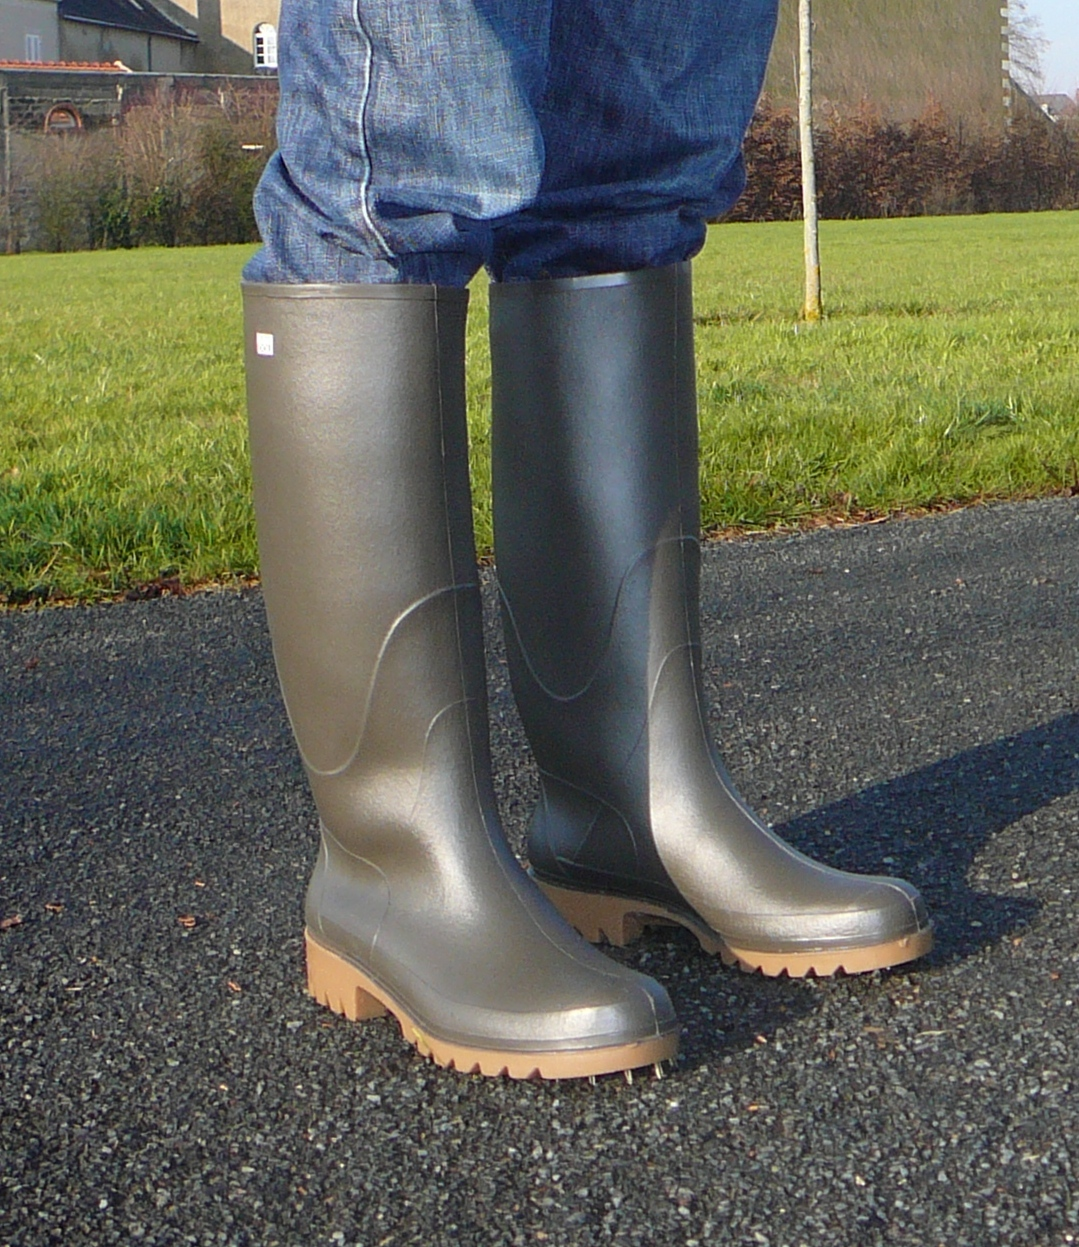 nouveau produit 64466 2bb4f paire de bottes - paire de bottes en caoutchouc - Doctissimo